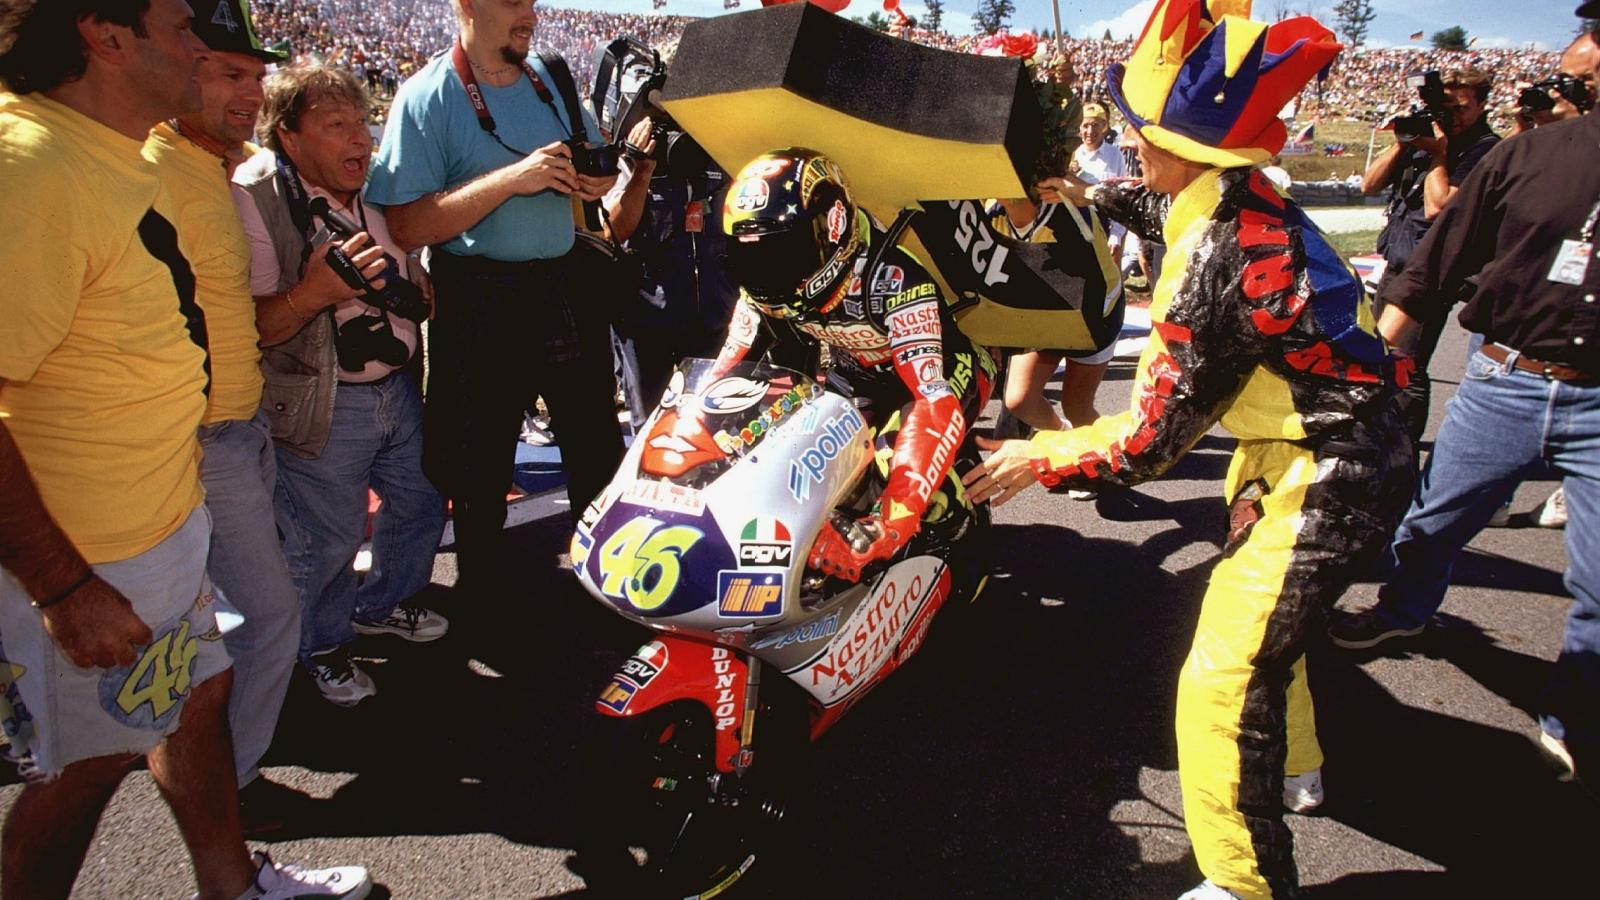 25 años Valentino Rossi: 1997 – Campeón 125cc – Aprilia RS125 / Nastro Azzurro Aprilia